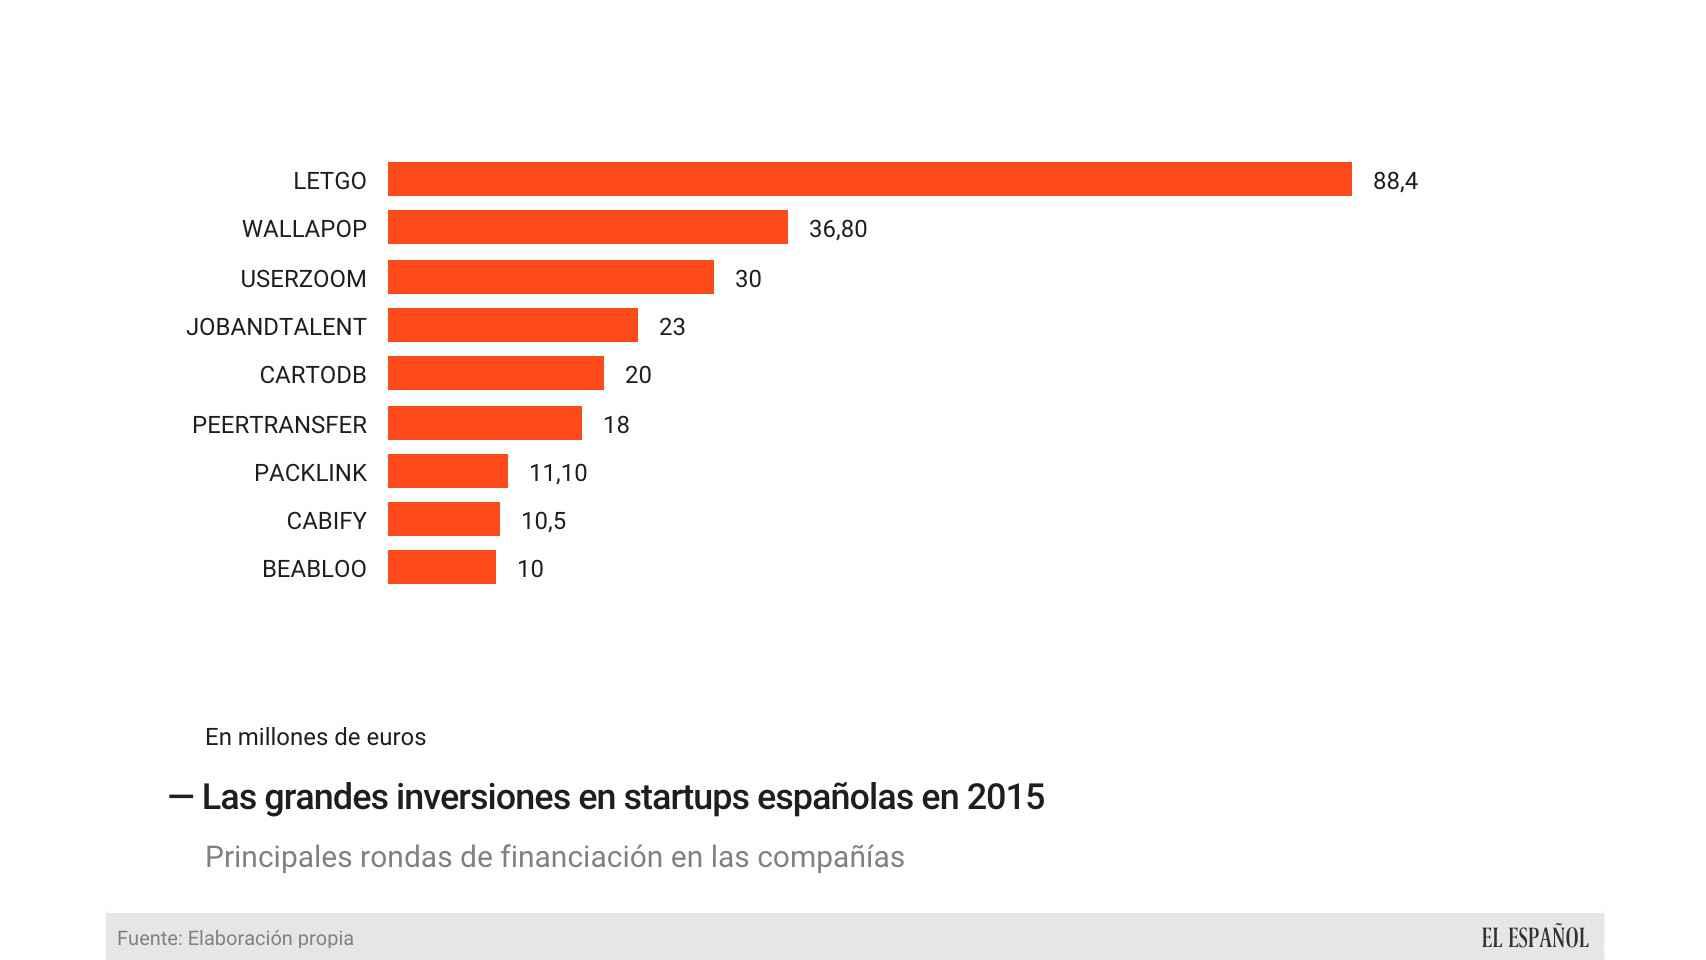 Las principales rondas de financiación de startups.